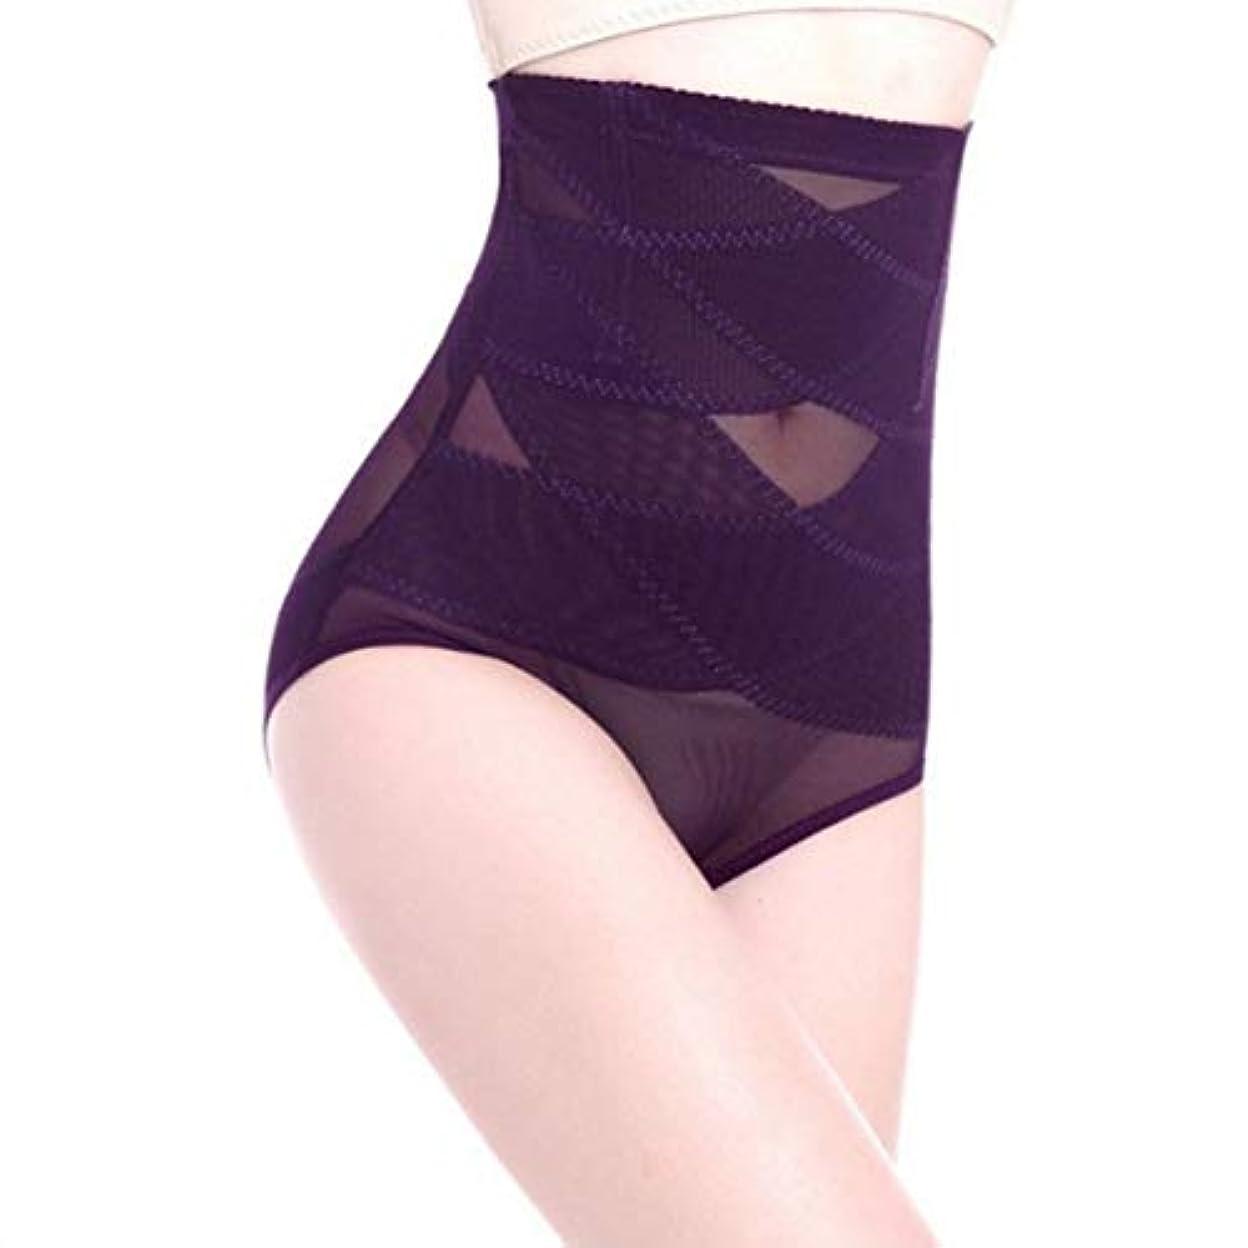 回るテンポくぼみ通気性のあるハイウエスト女性痩身腹部コントロール下着シームレスおなかコントロールパンティーバットリフターボディシェイパー - パープル3 XL